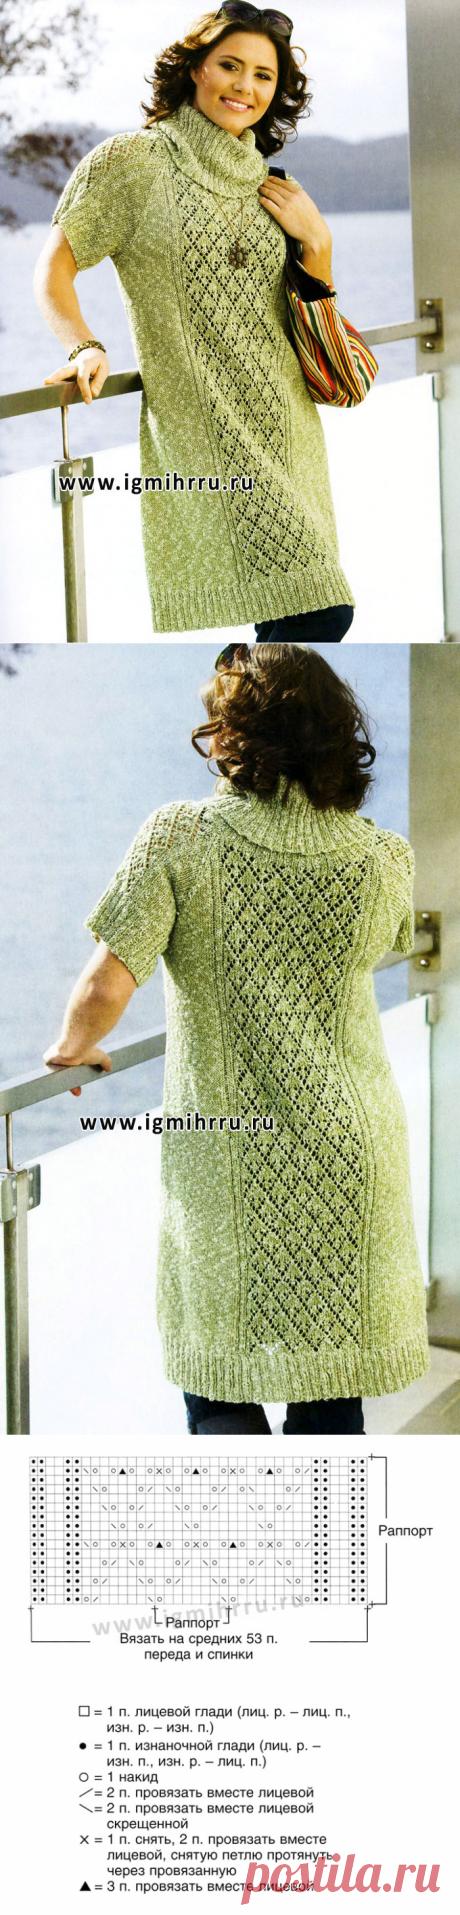 Мода PLUS. Серо-зеленое платье с широкой ажурной полосой. Спицы